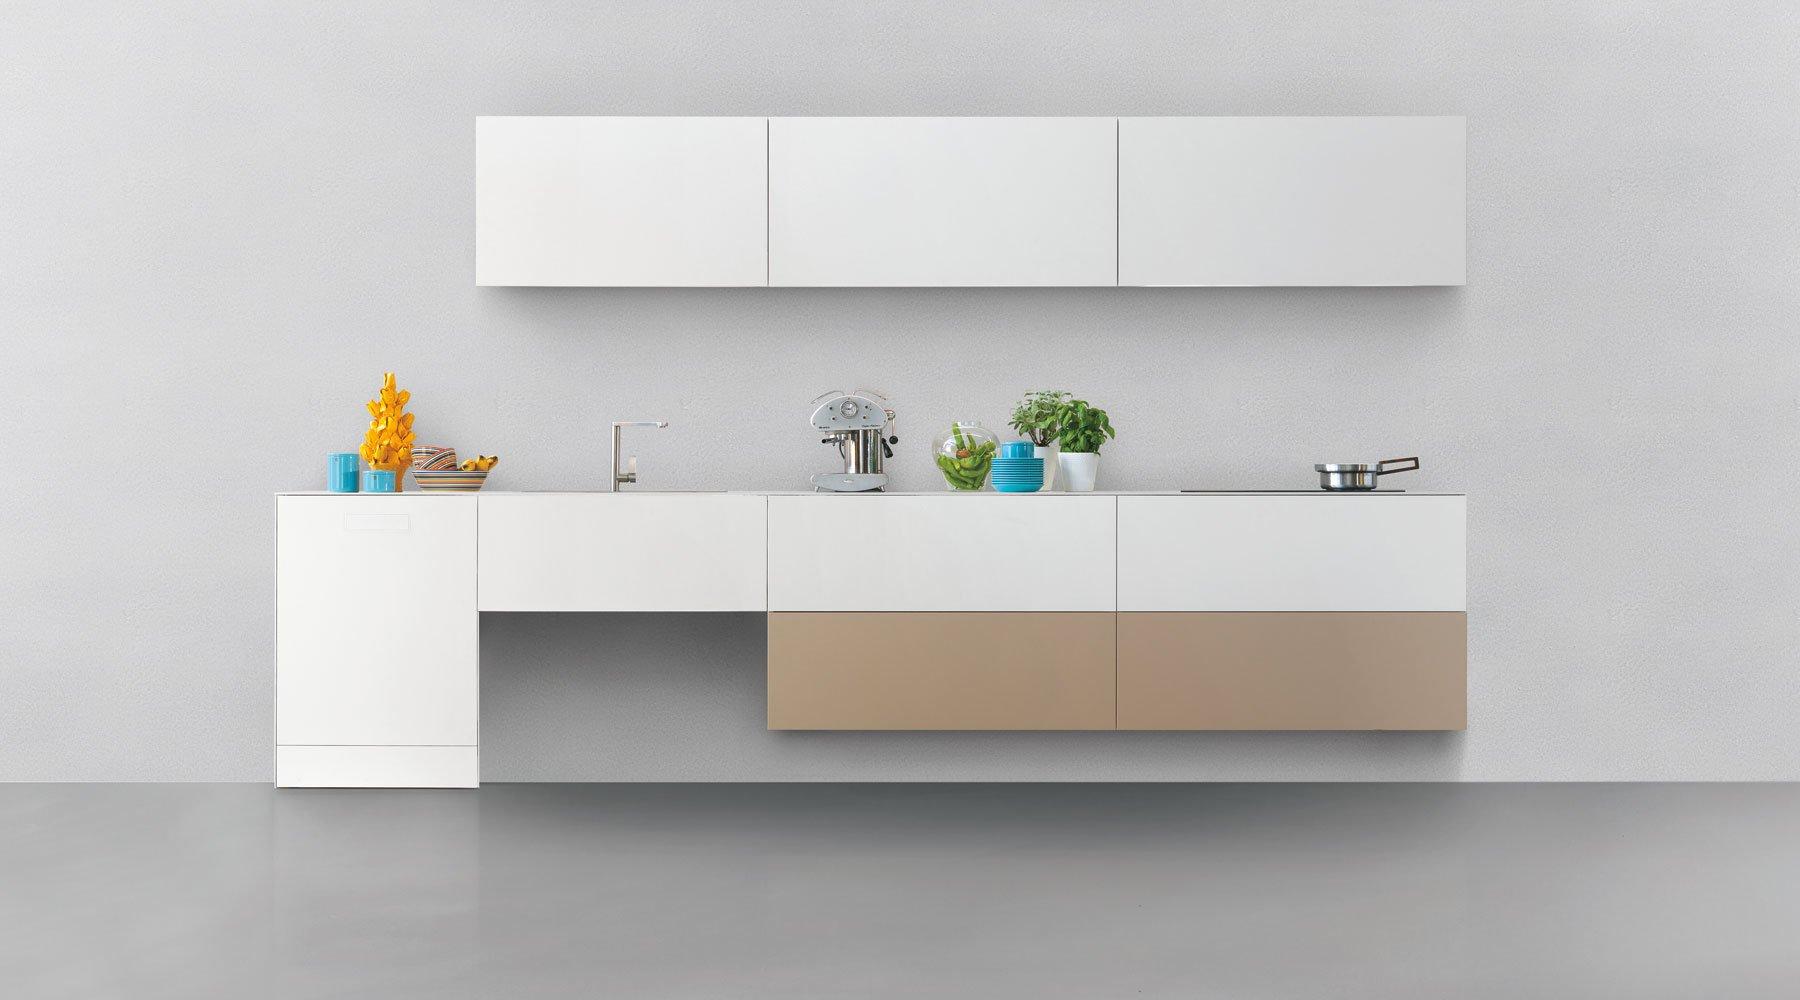 mobili per cucina cucina 36e8 da lago